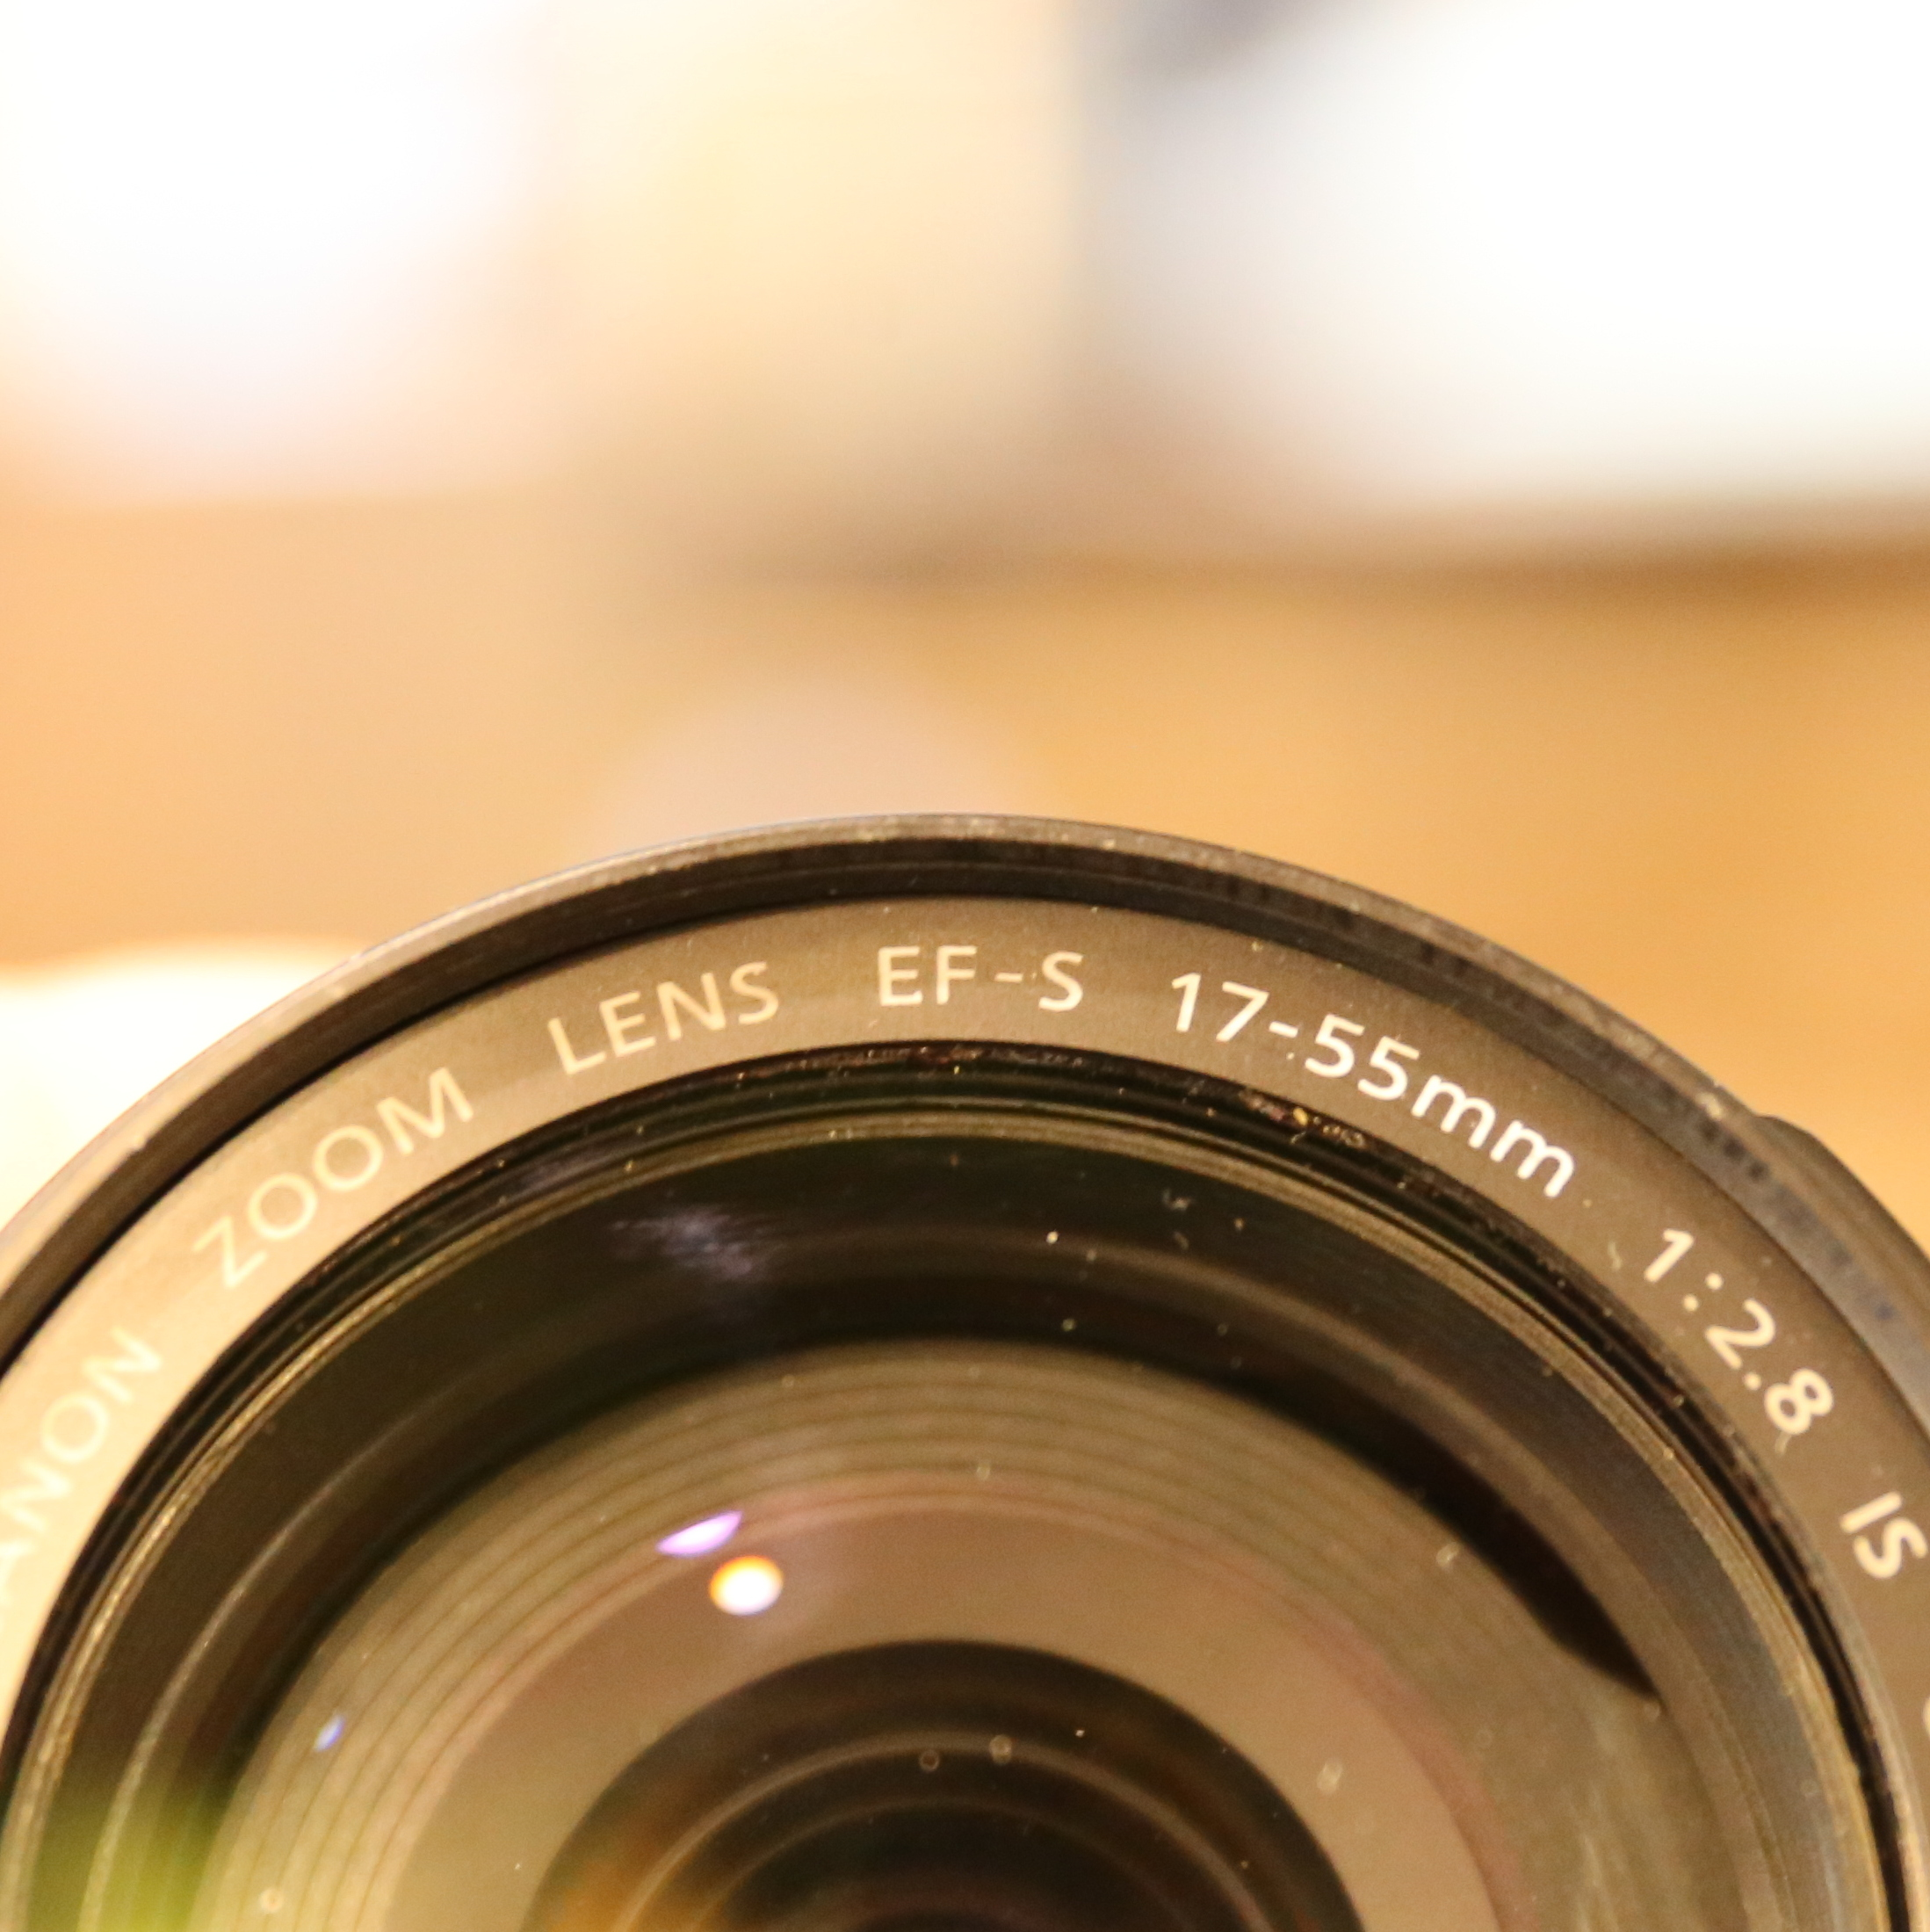 смотрю, значение цифр на объективе фотоаппарата всех других видов